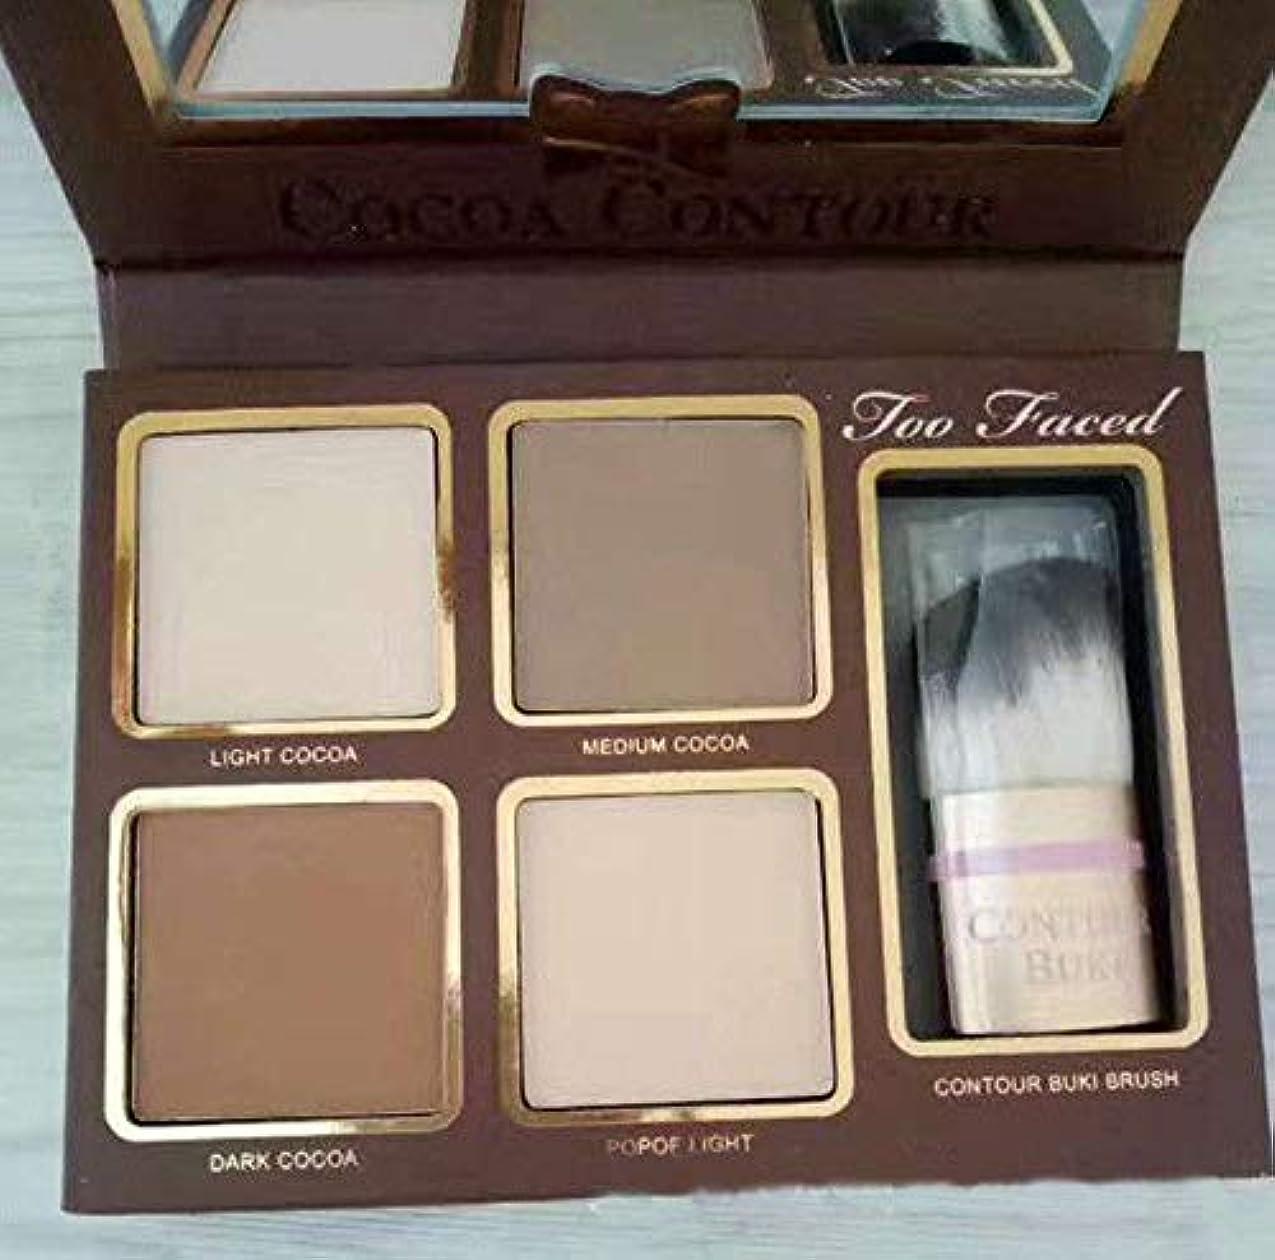 橋脚クマノミ曇ったFidgetGear 4色アイシャドウチョコレート化粧品メイクアップパレットアイシャドウマットシマー